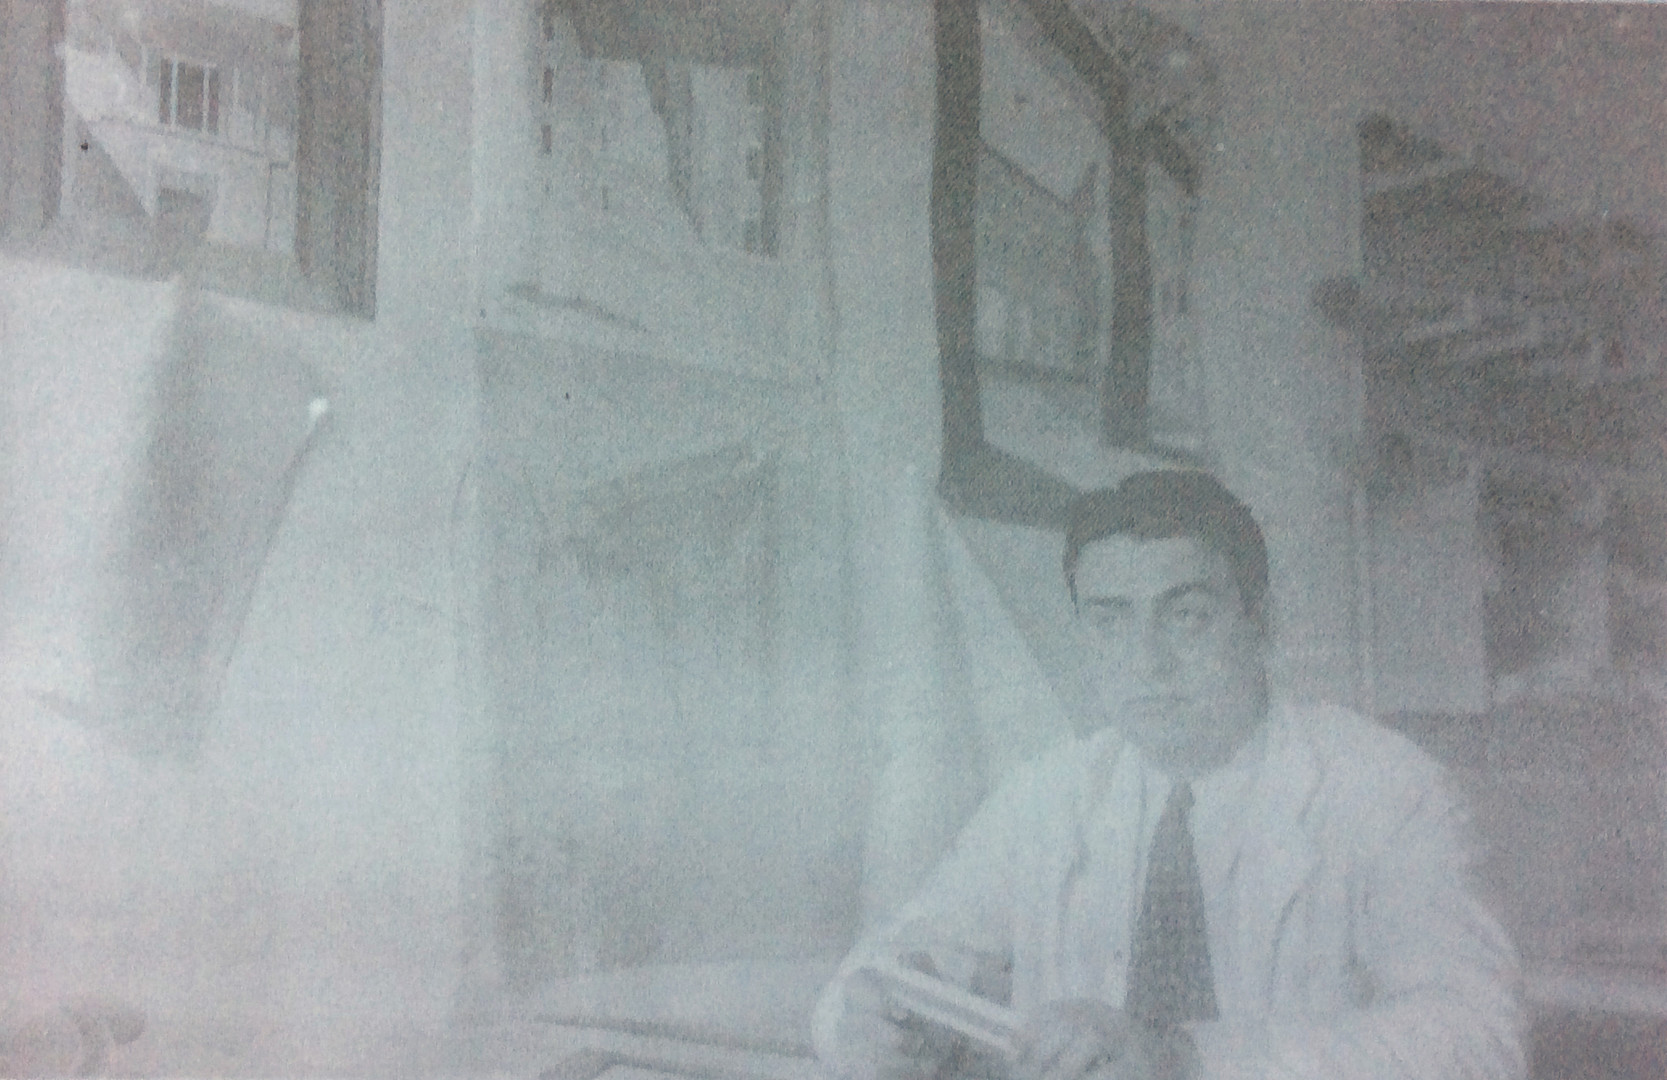 Rahmi Bediz tahminen Emin Onat'ın bürosunda, 1940'ların sonu. Kaynak: Ahmet Sezen Özsayın Arşivi.